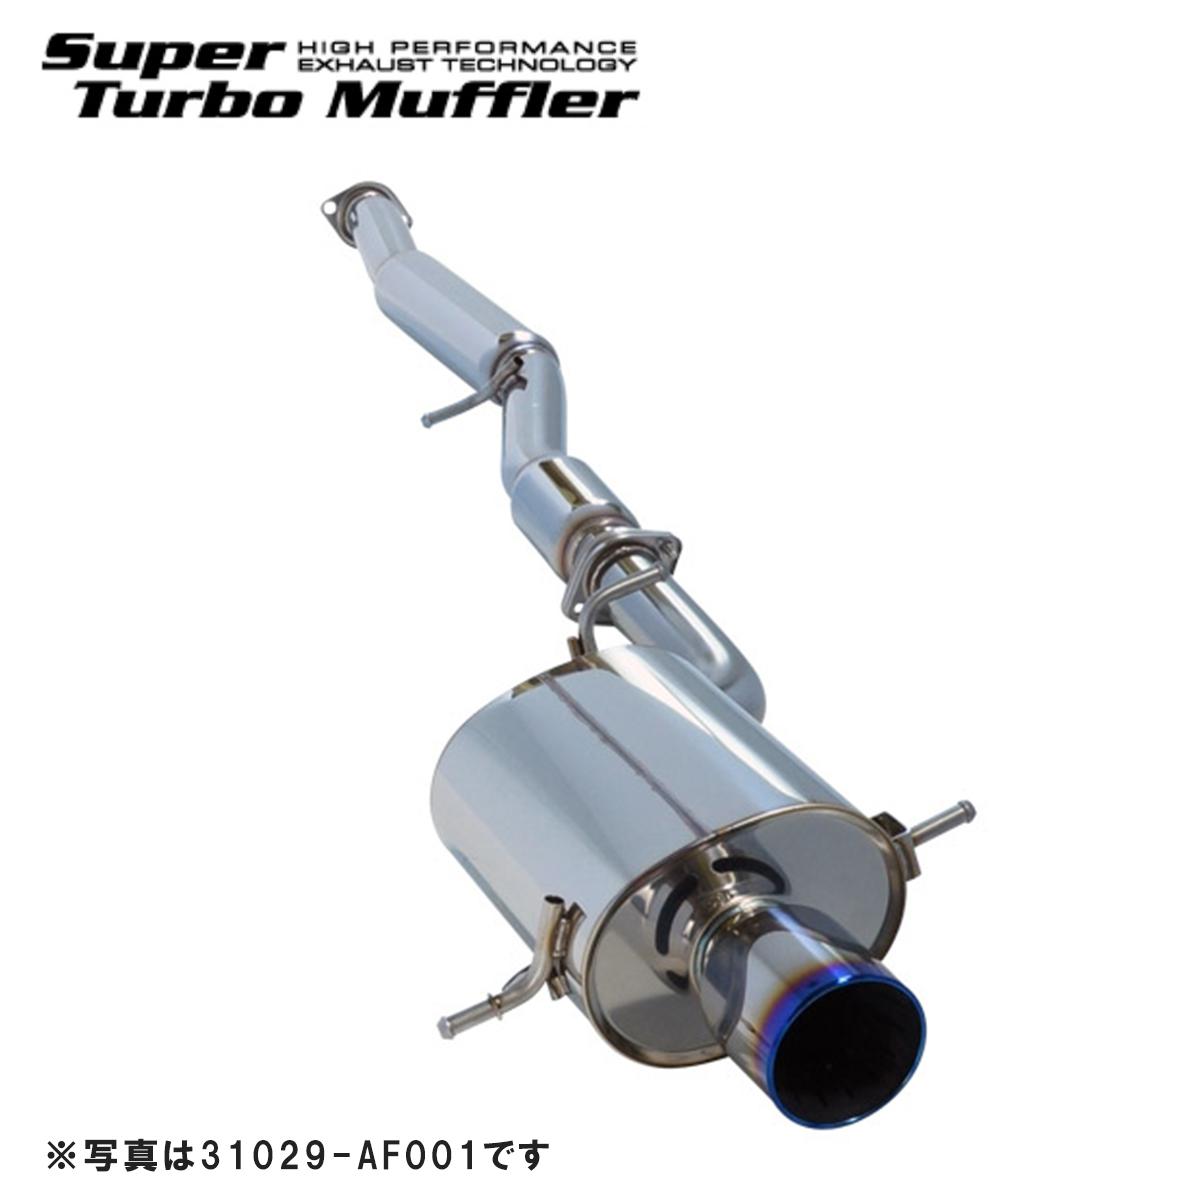 マーク2 マフラー GF-JZX100 HKS 31029-AT001 スーパーターボマフラー 配送先条件有り